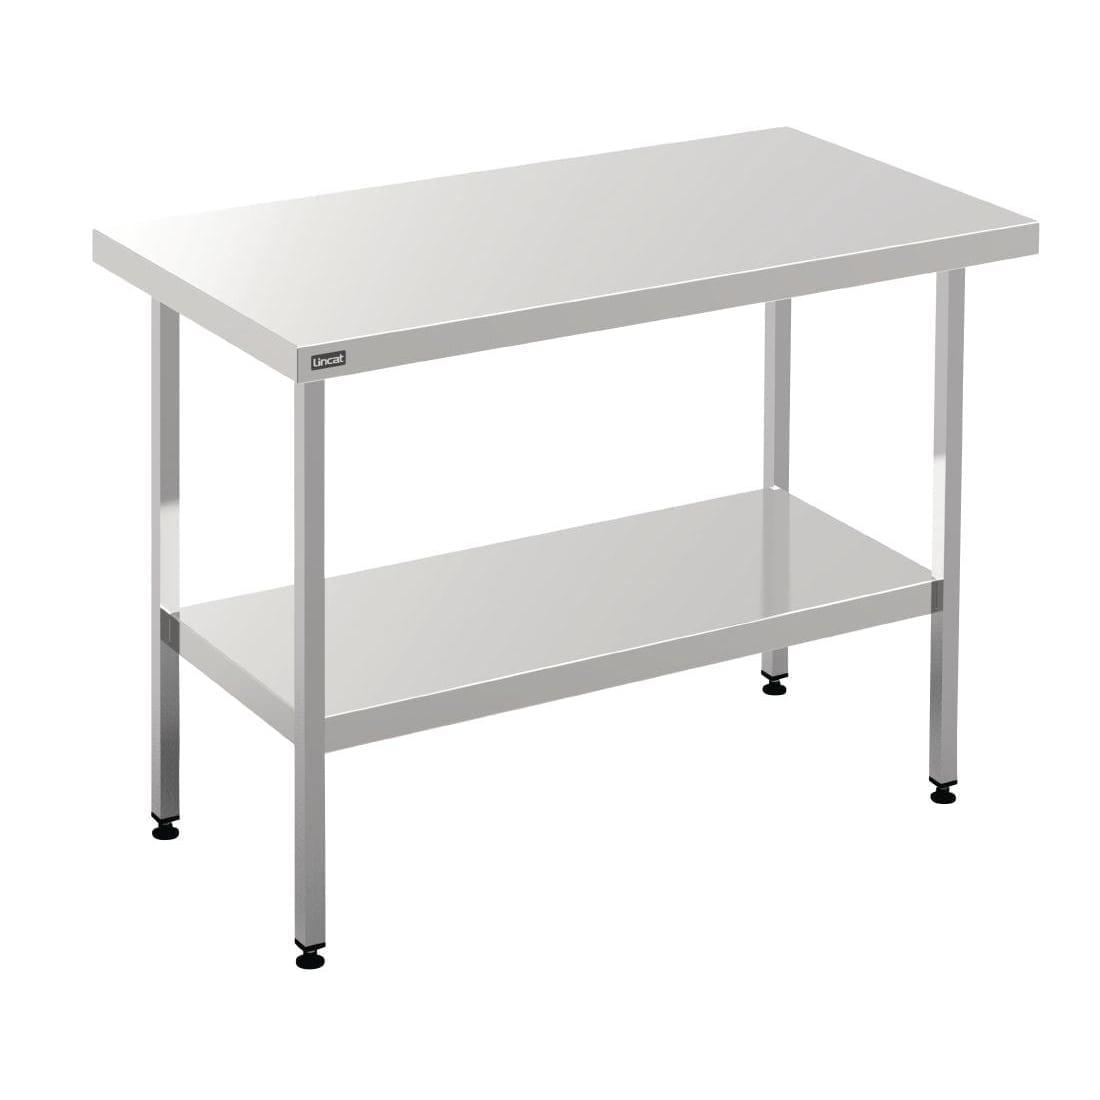 Lincat Centre Table - Width 1800mm (Direct)-0